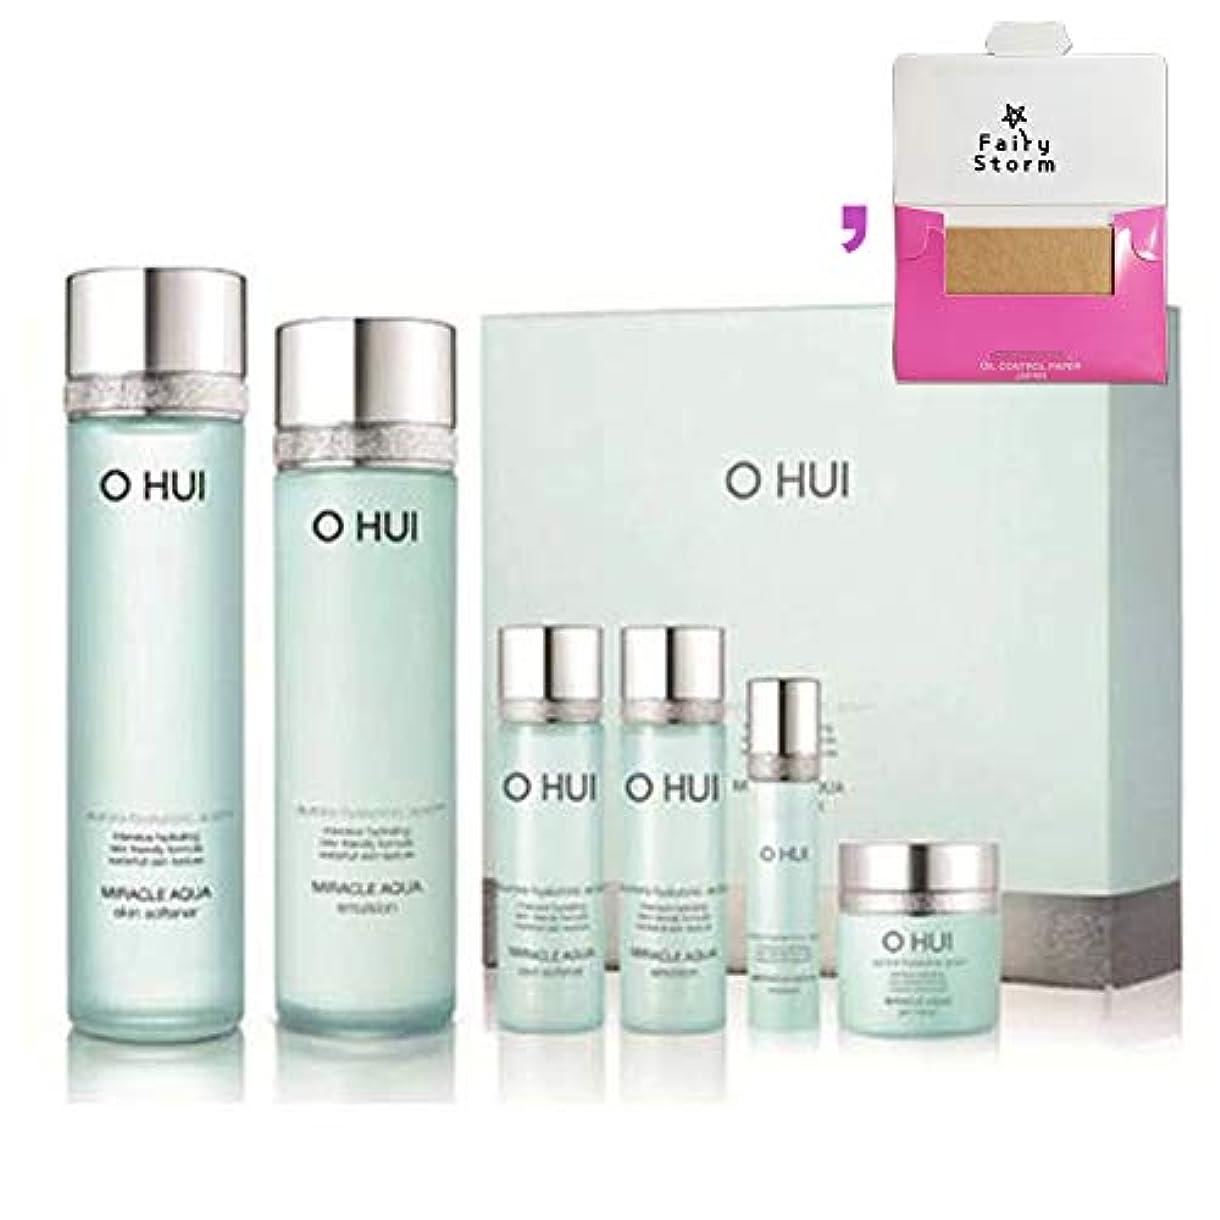 皮肉ハンディオデュッセウス[オフィ/O HUI]韓国化粧品LG生活健康/O HUI MIRACLE AQUA SPECIAL 2EA SET/ミラクルアクア 2種セット+[Sample Gift](海外直送品)